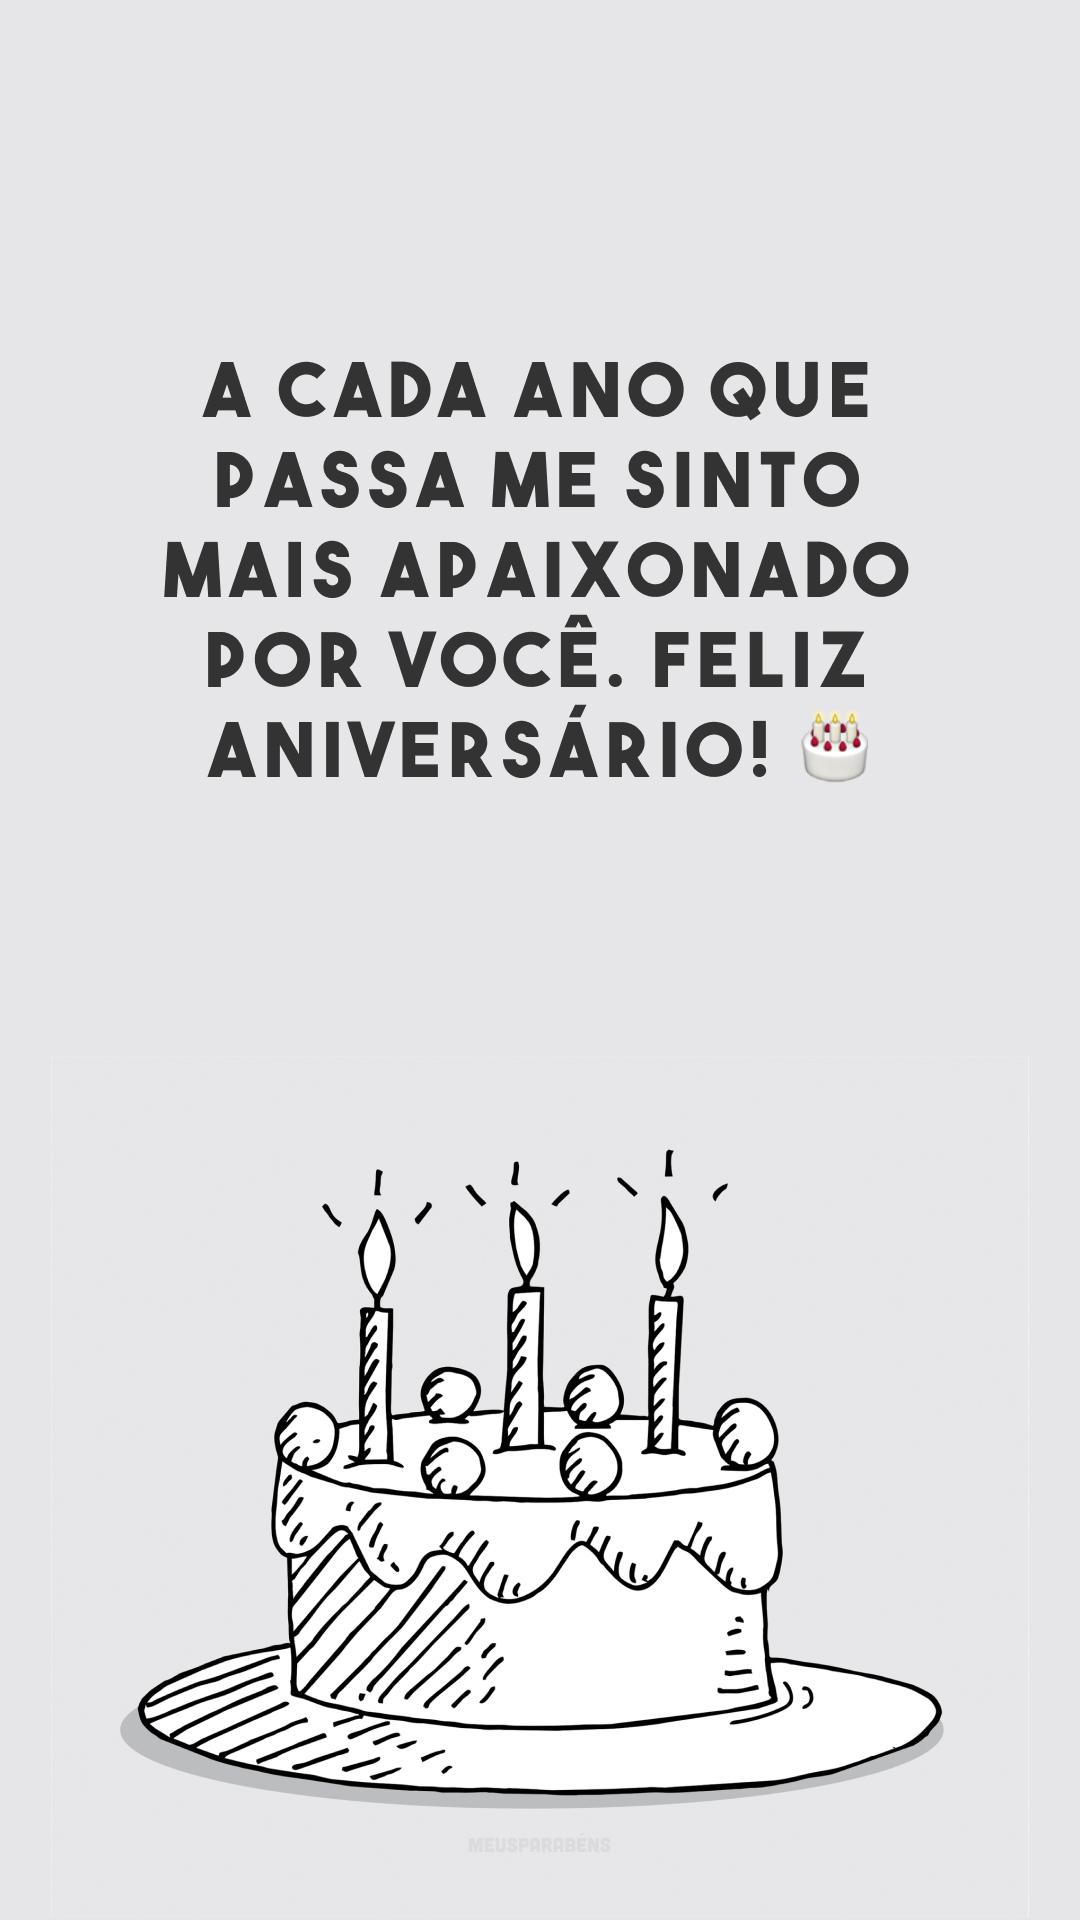 A cada ano que passa me sinto mais apaixonado por você. Feliz aniversário! ?